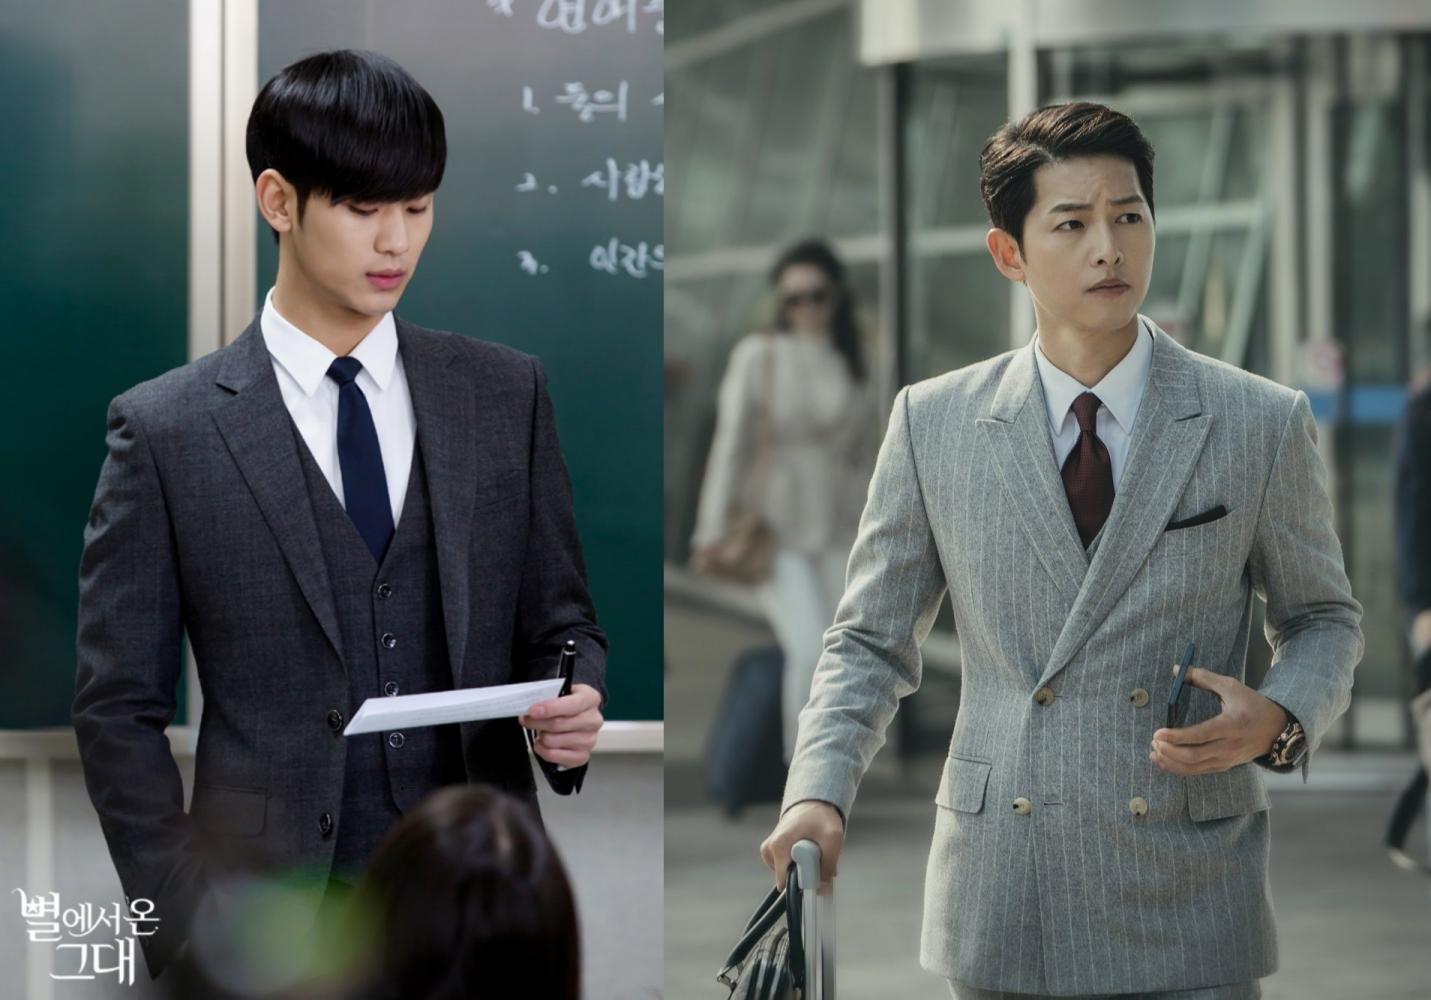 Cách ăn mặc của giới thượng lưu trong phim truyền hình Hàn Quốc